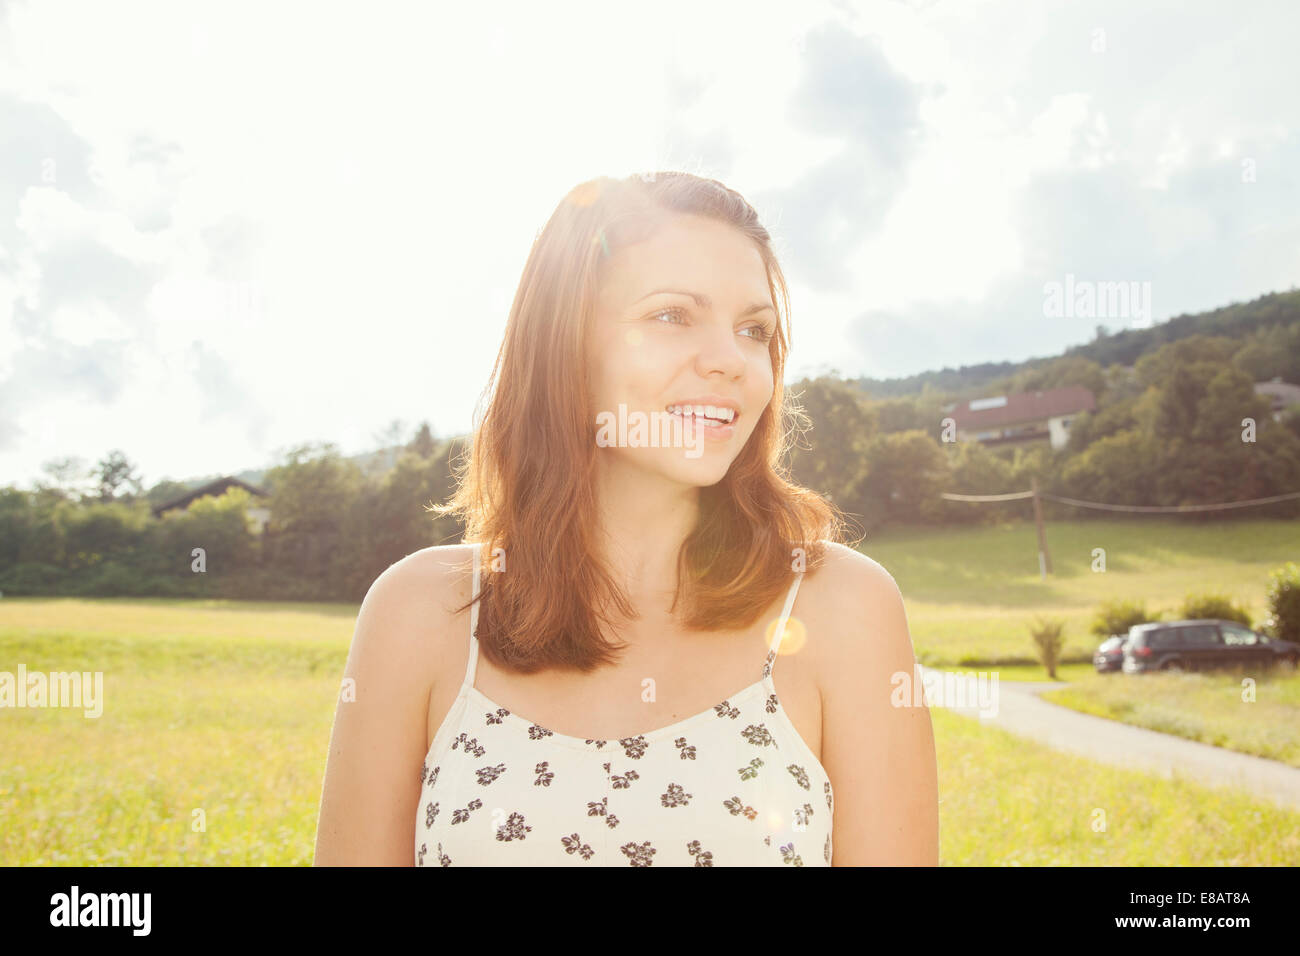 Mujer joven, de cabello castaño, buscando que fuera Imagen De Stock